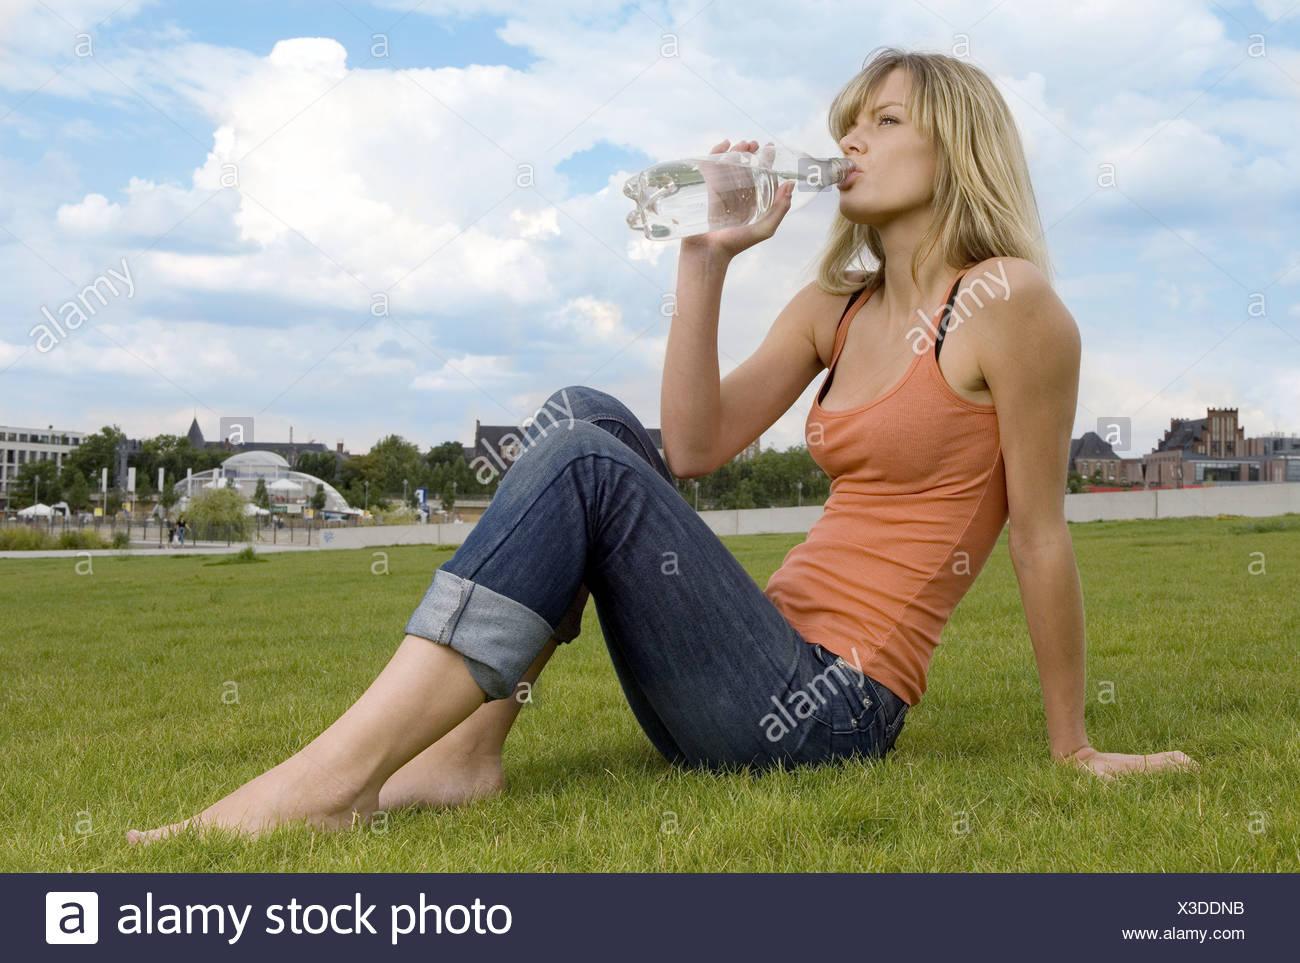 Sitzt Frau Wiese Mineralwasser Getränke seitwärts Serie Menschen ...